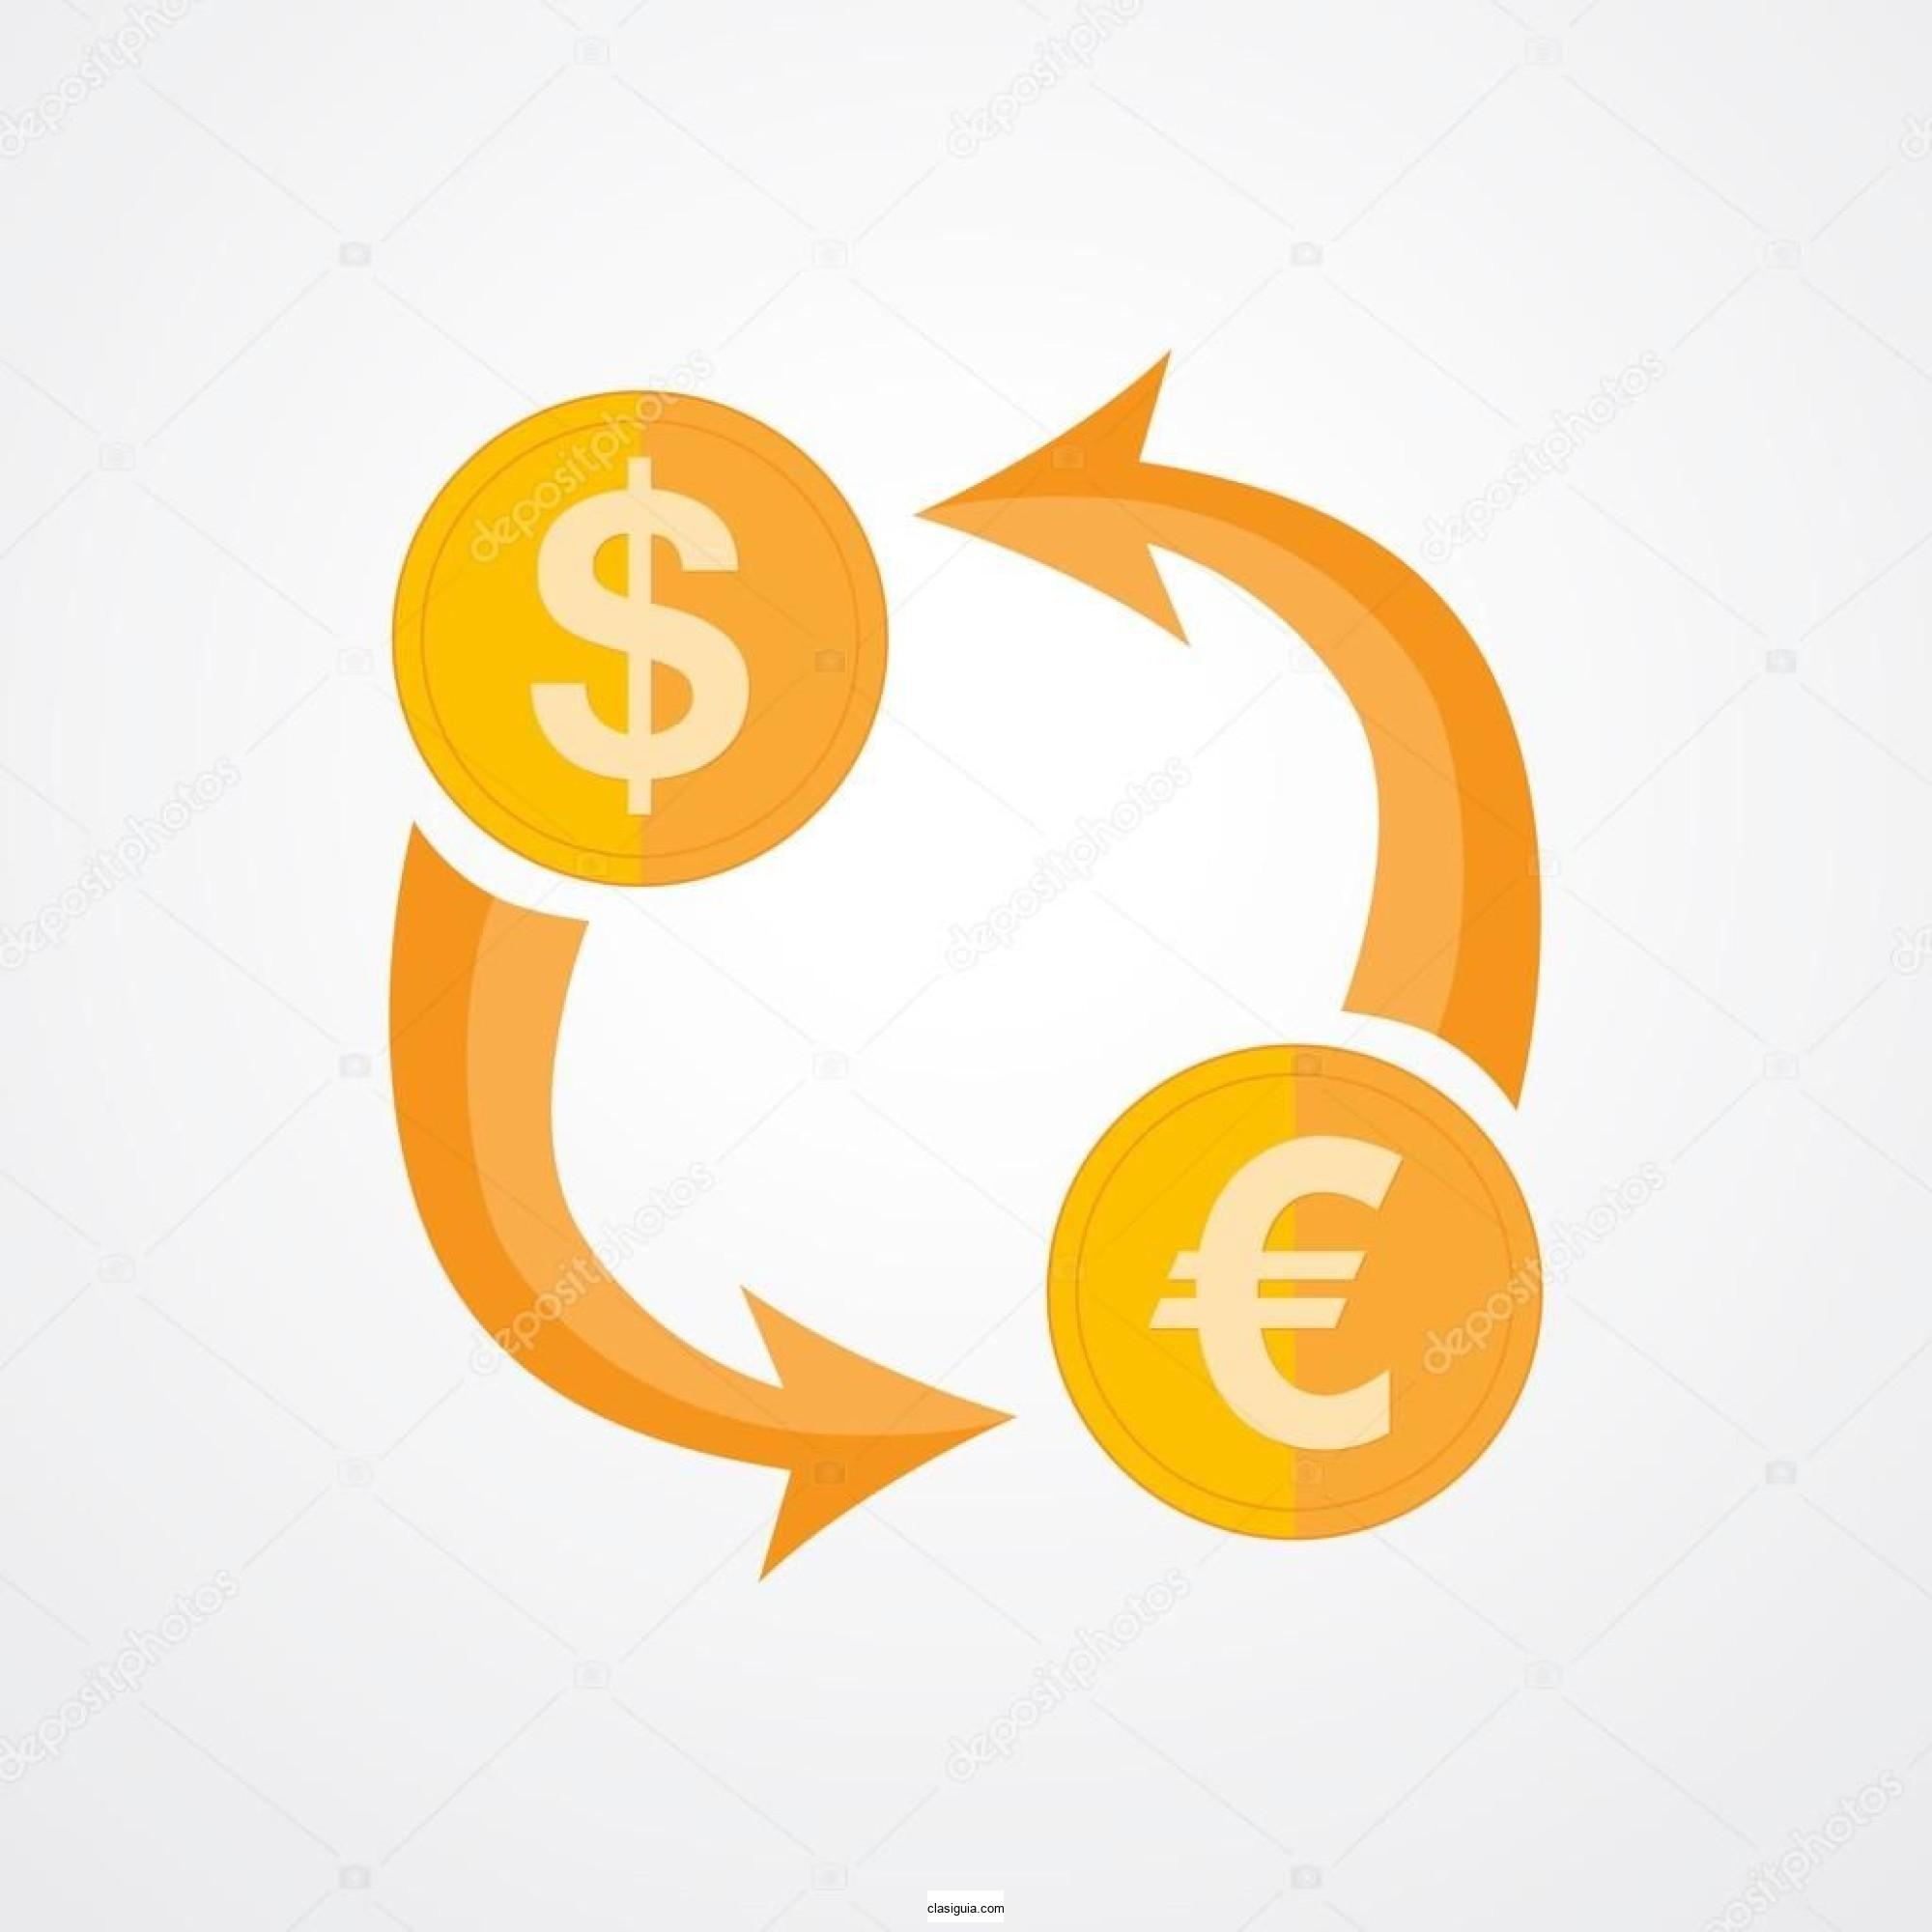 Usted dice cómo obtener un préstamo en línea, contácteme